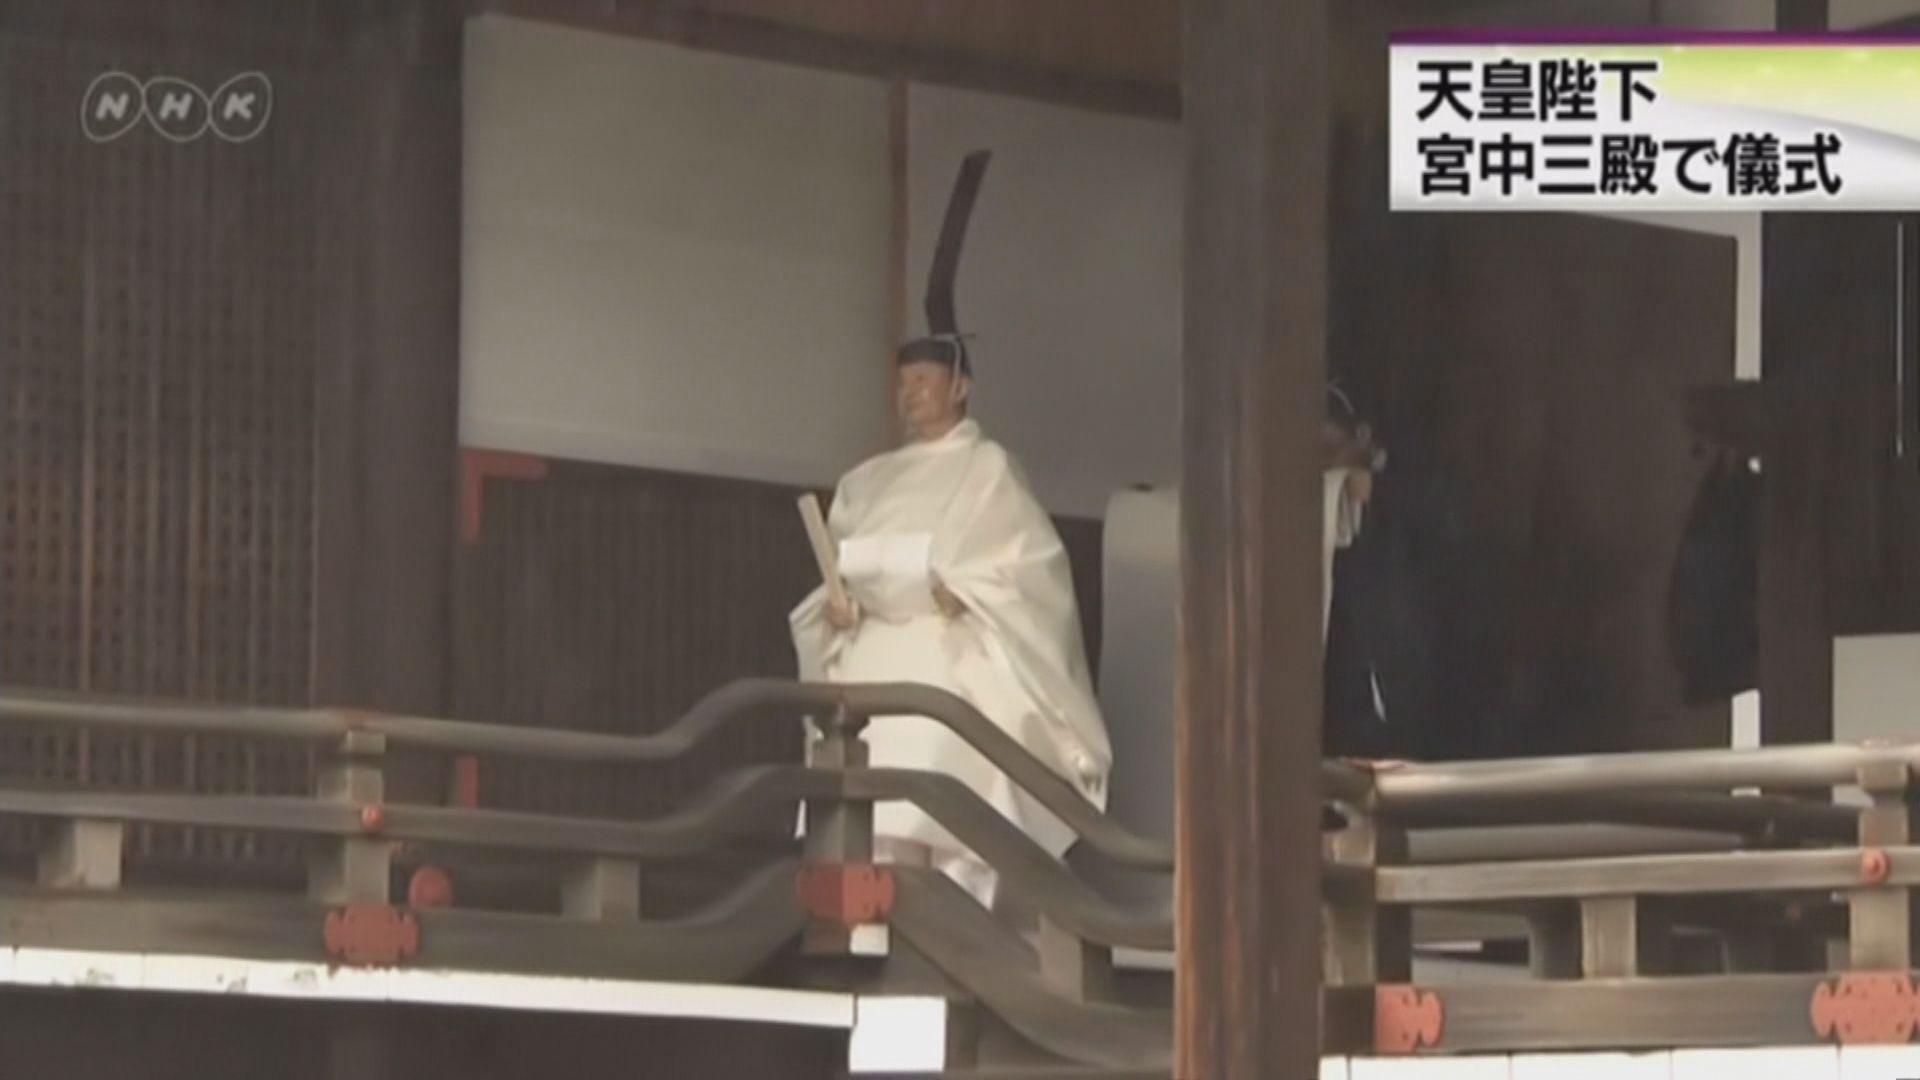 日本舉行日皇德仁即位儀式